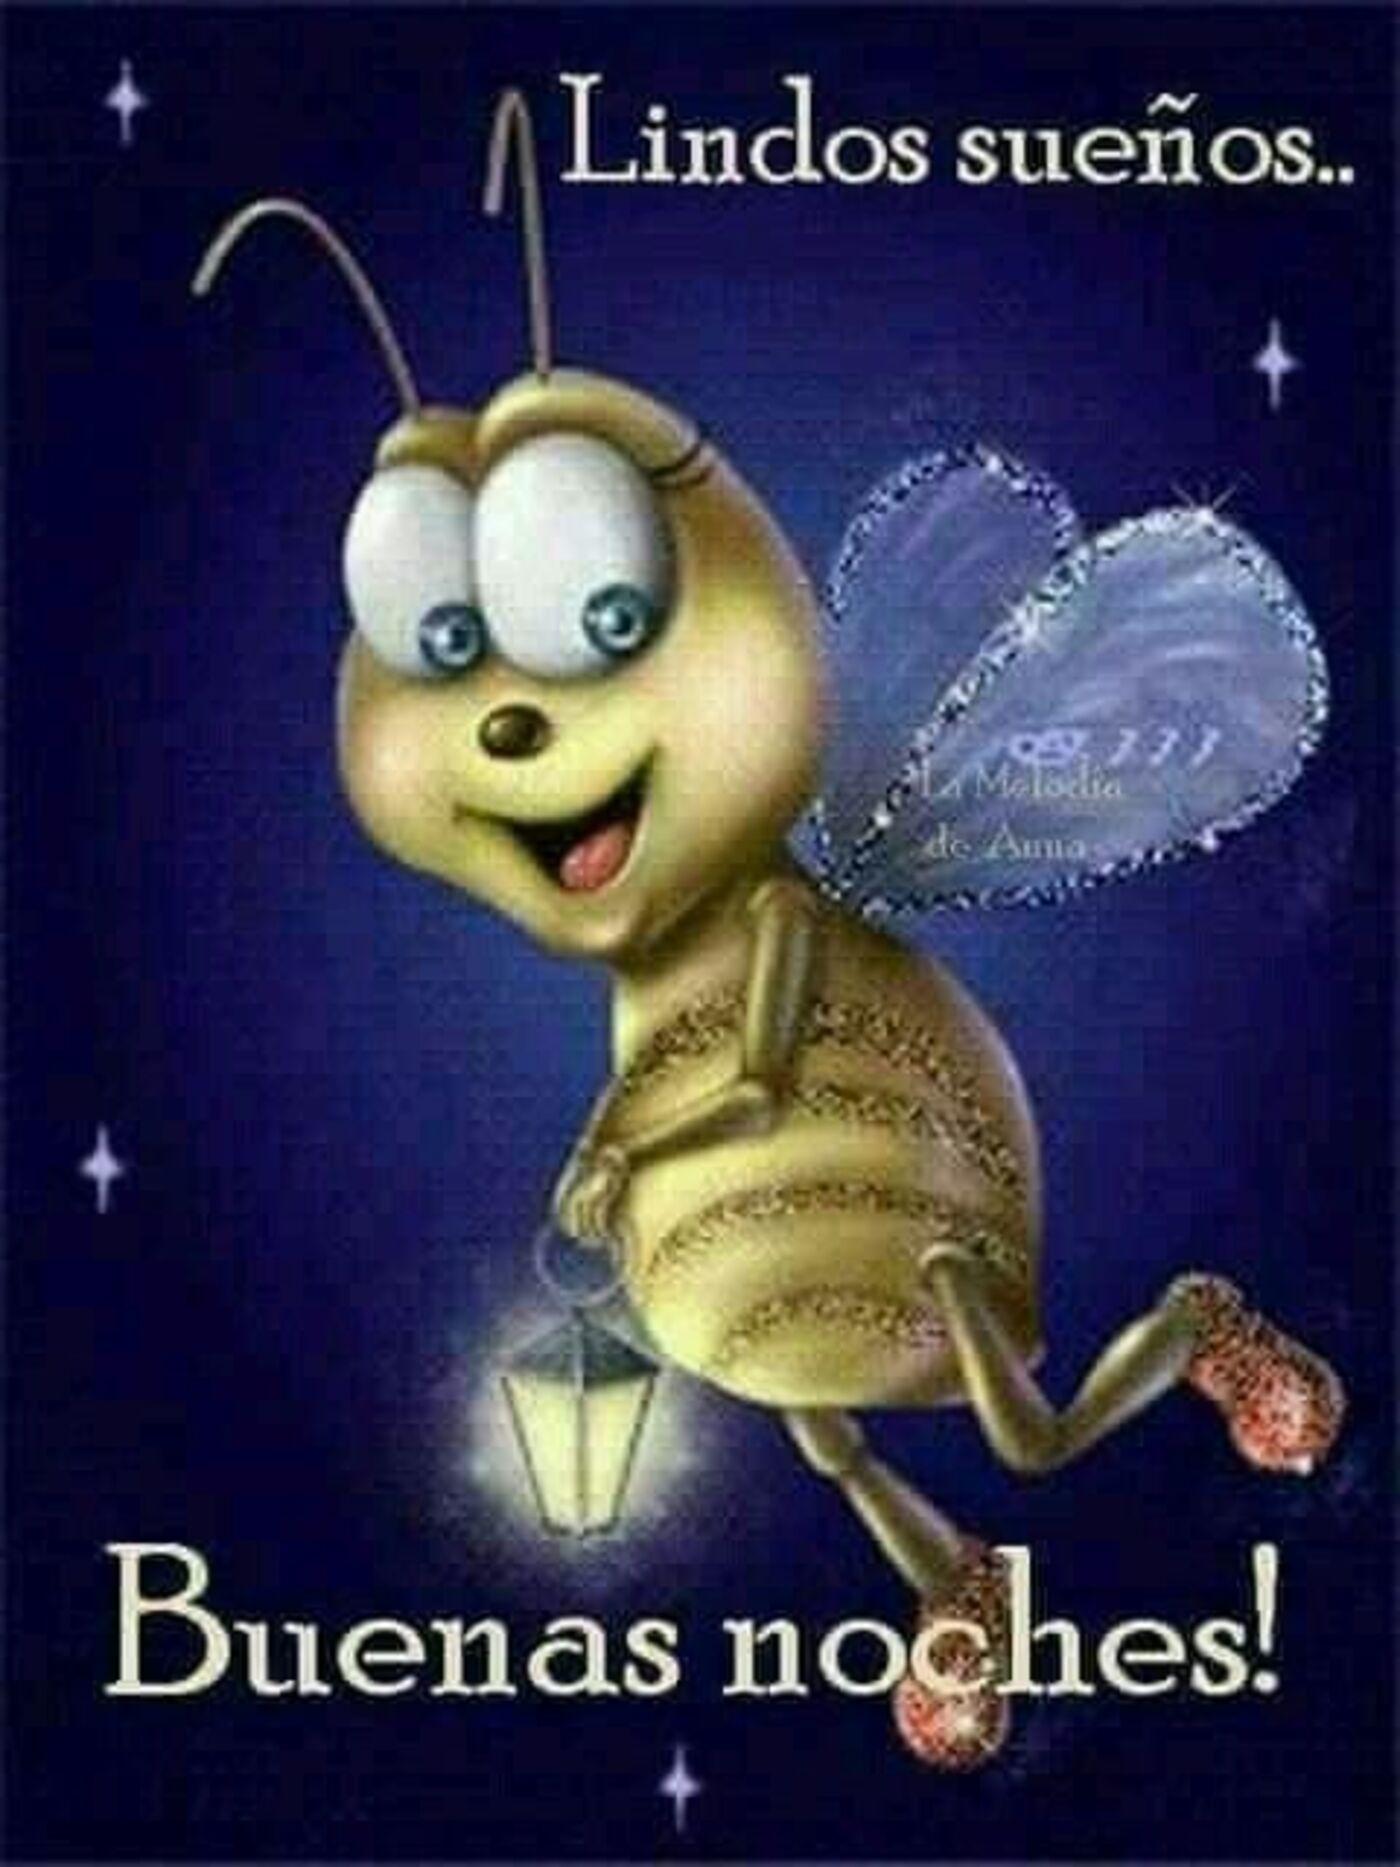 Lindos sueños...Buenas Noches!!